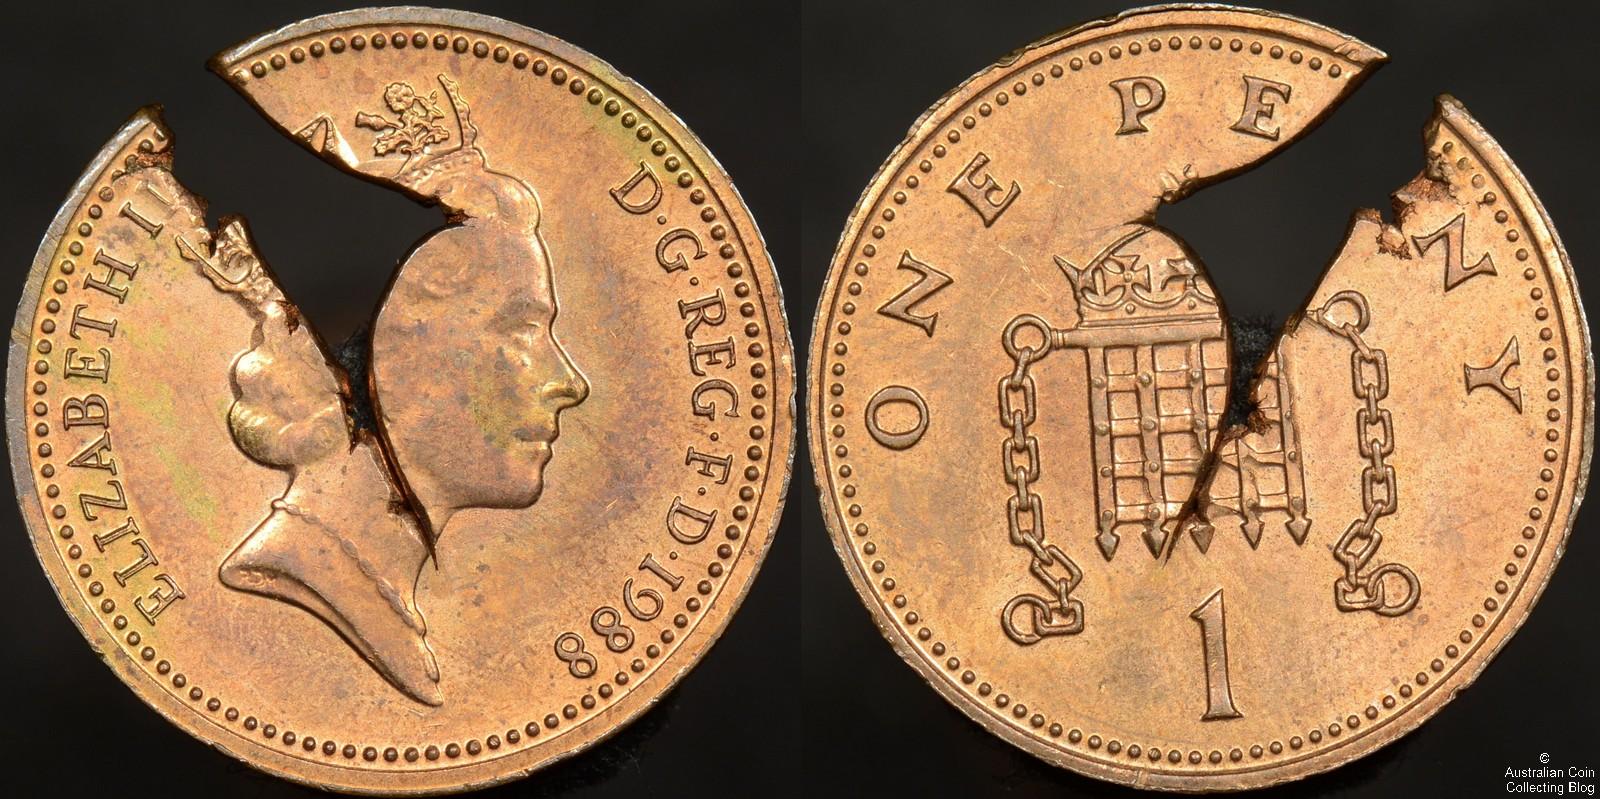 2016 Penny Error